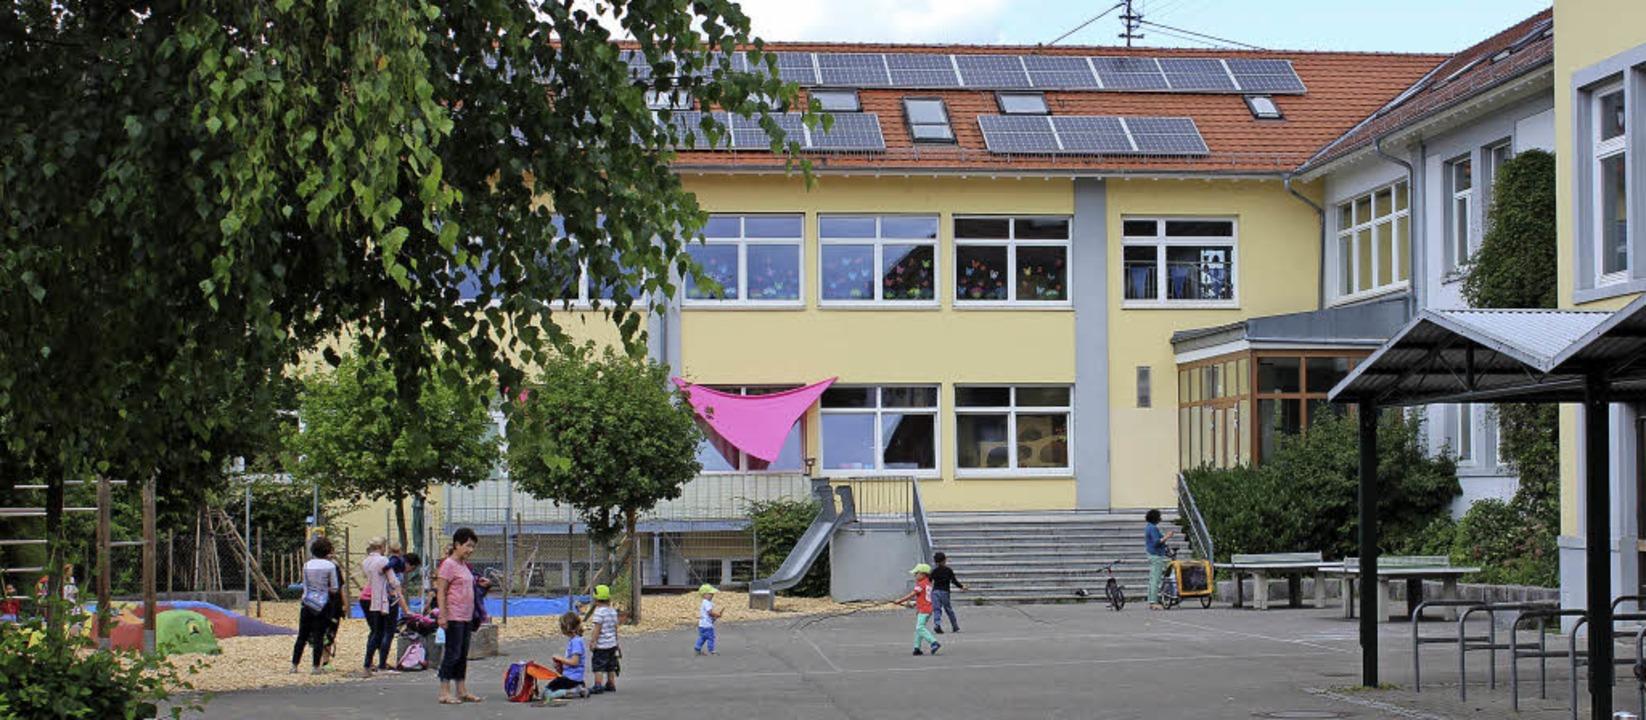 Die Kleinkindbetreuung liegt im etwas ...hen sich einen größeren Außenbereich.   | Foto: Mario Schöneberg